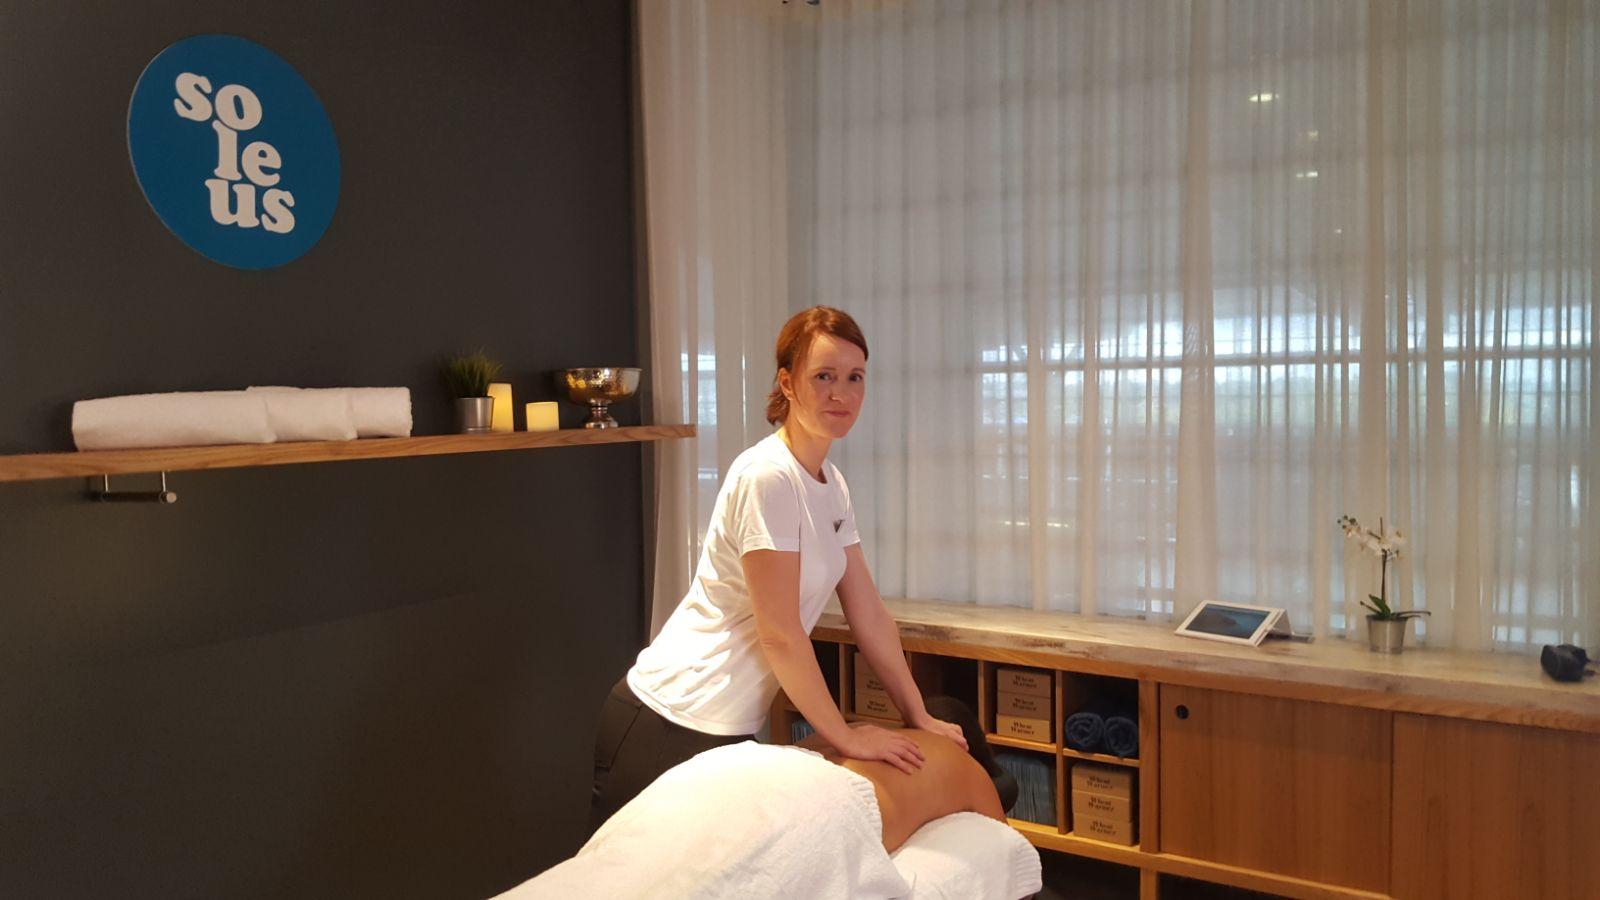 massasje gardermoen body to body massasje oslo